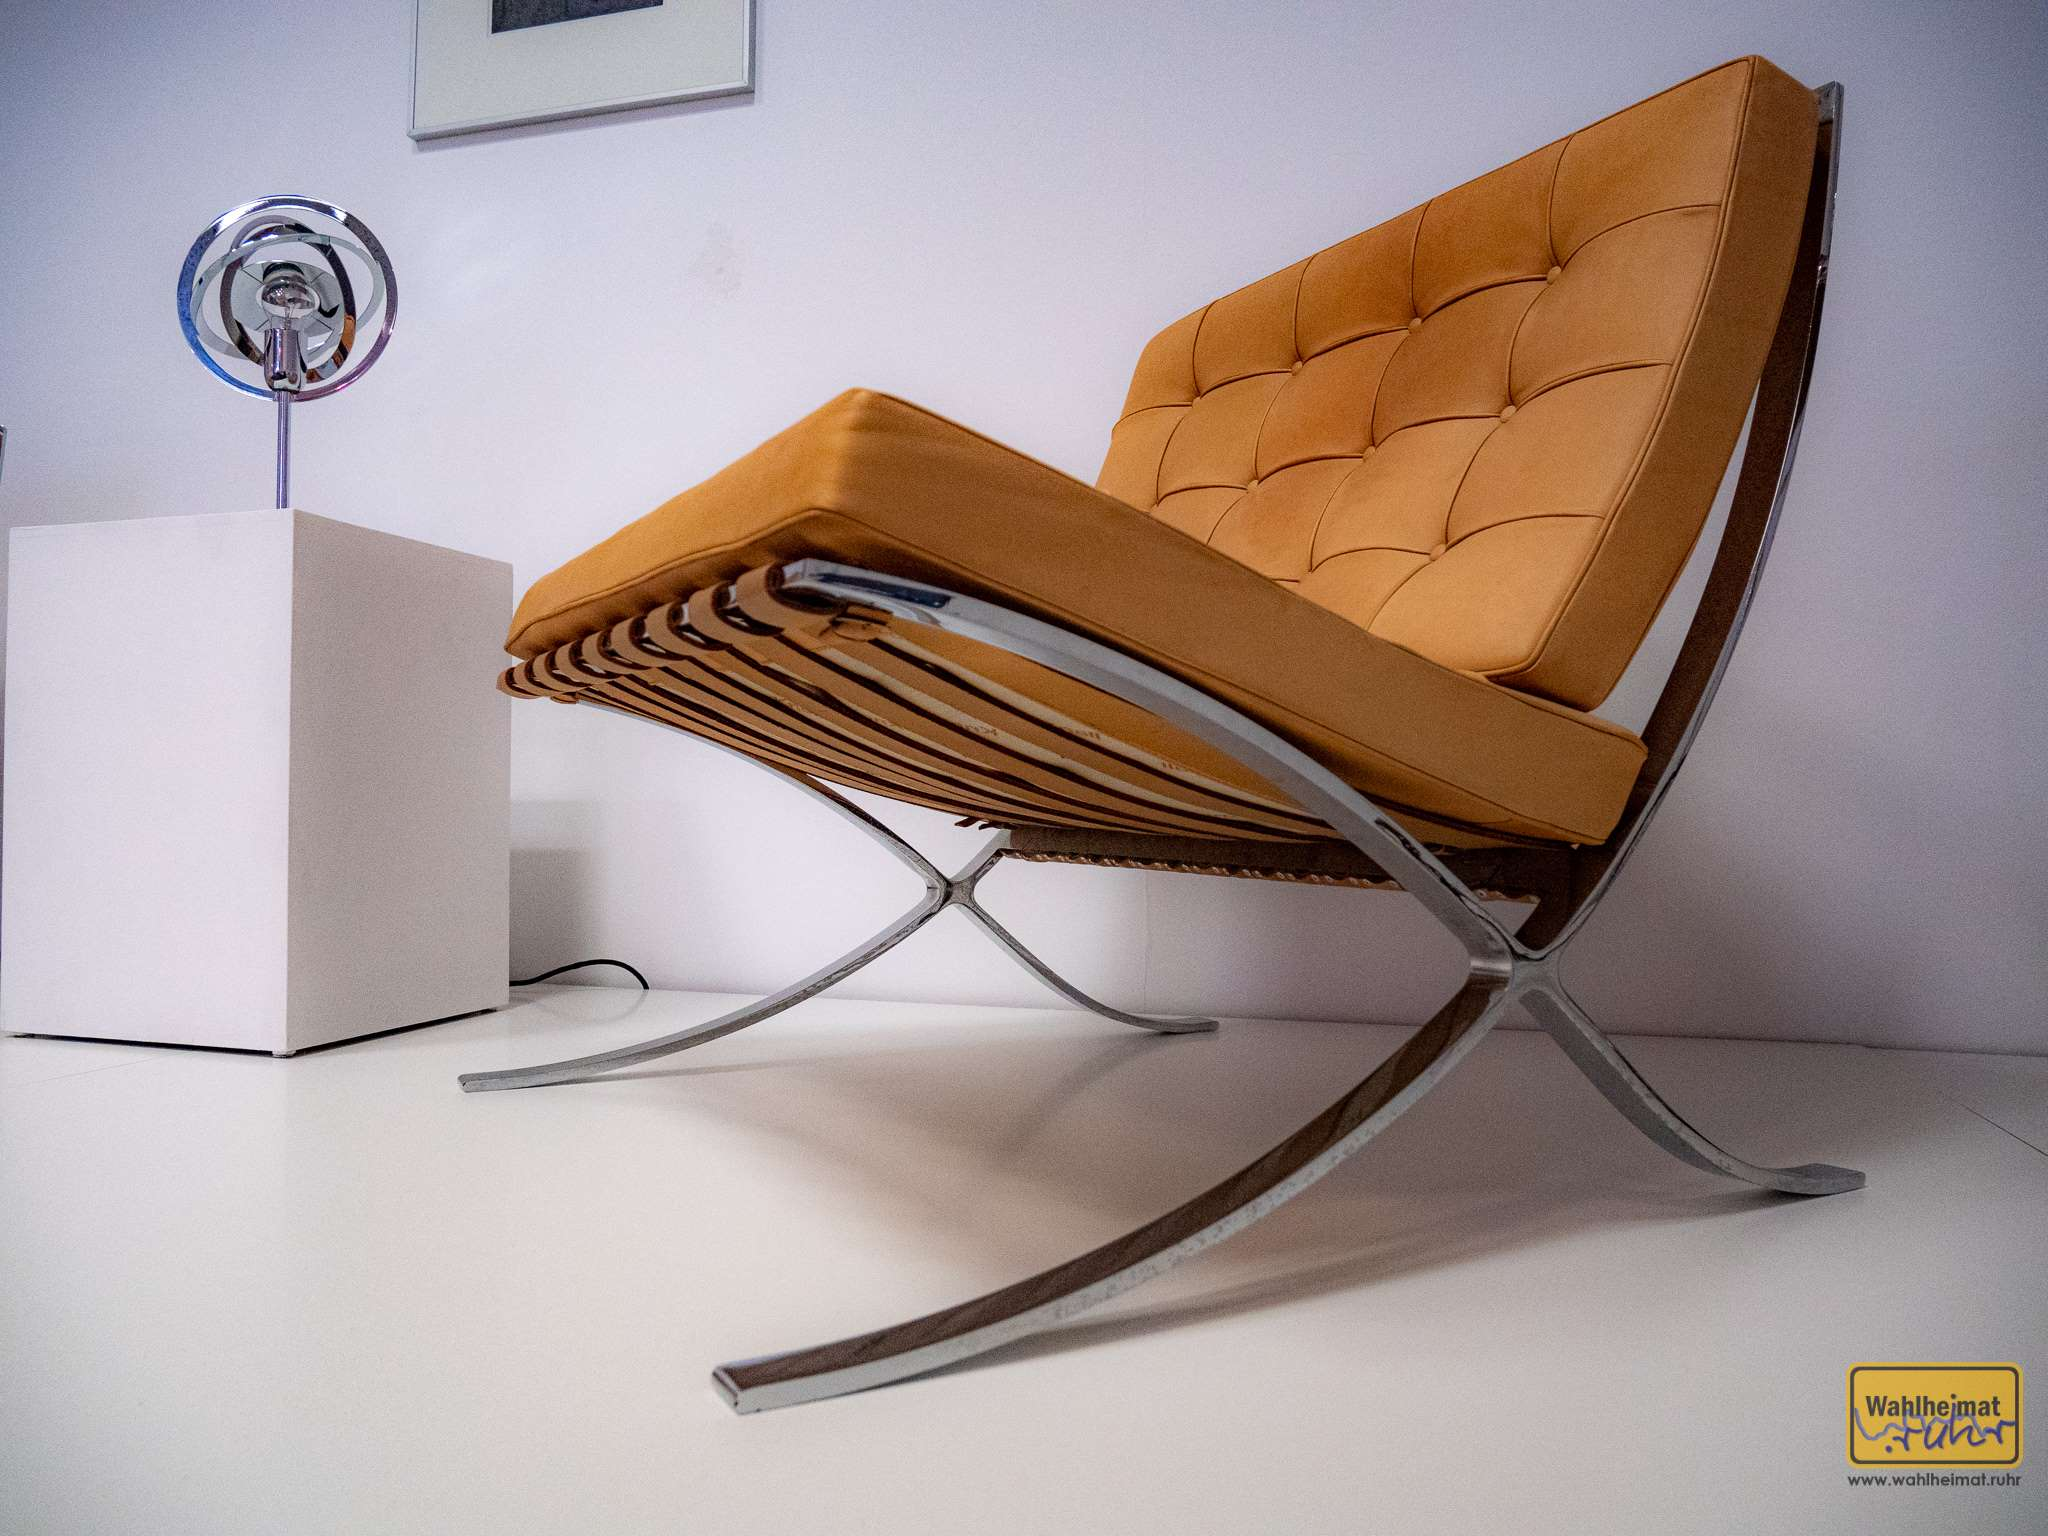 """Das sind die berühmten """"Barcelona-Sessel"""": bei der Eröffnung der Weltausstellung in Barcelona 1929 hat auf solcherlei Polstermöbeln von Ludwig Mies van der Rohe das Königspaar königlich Platz genommen."""